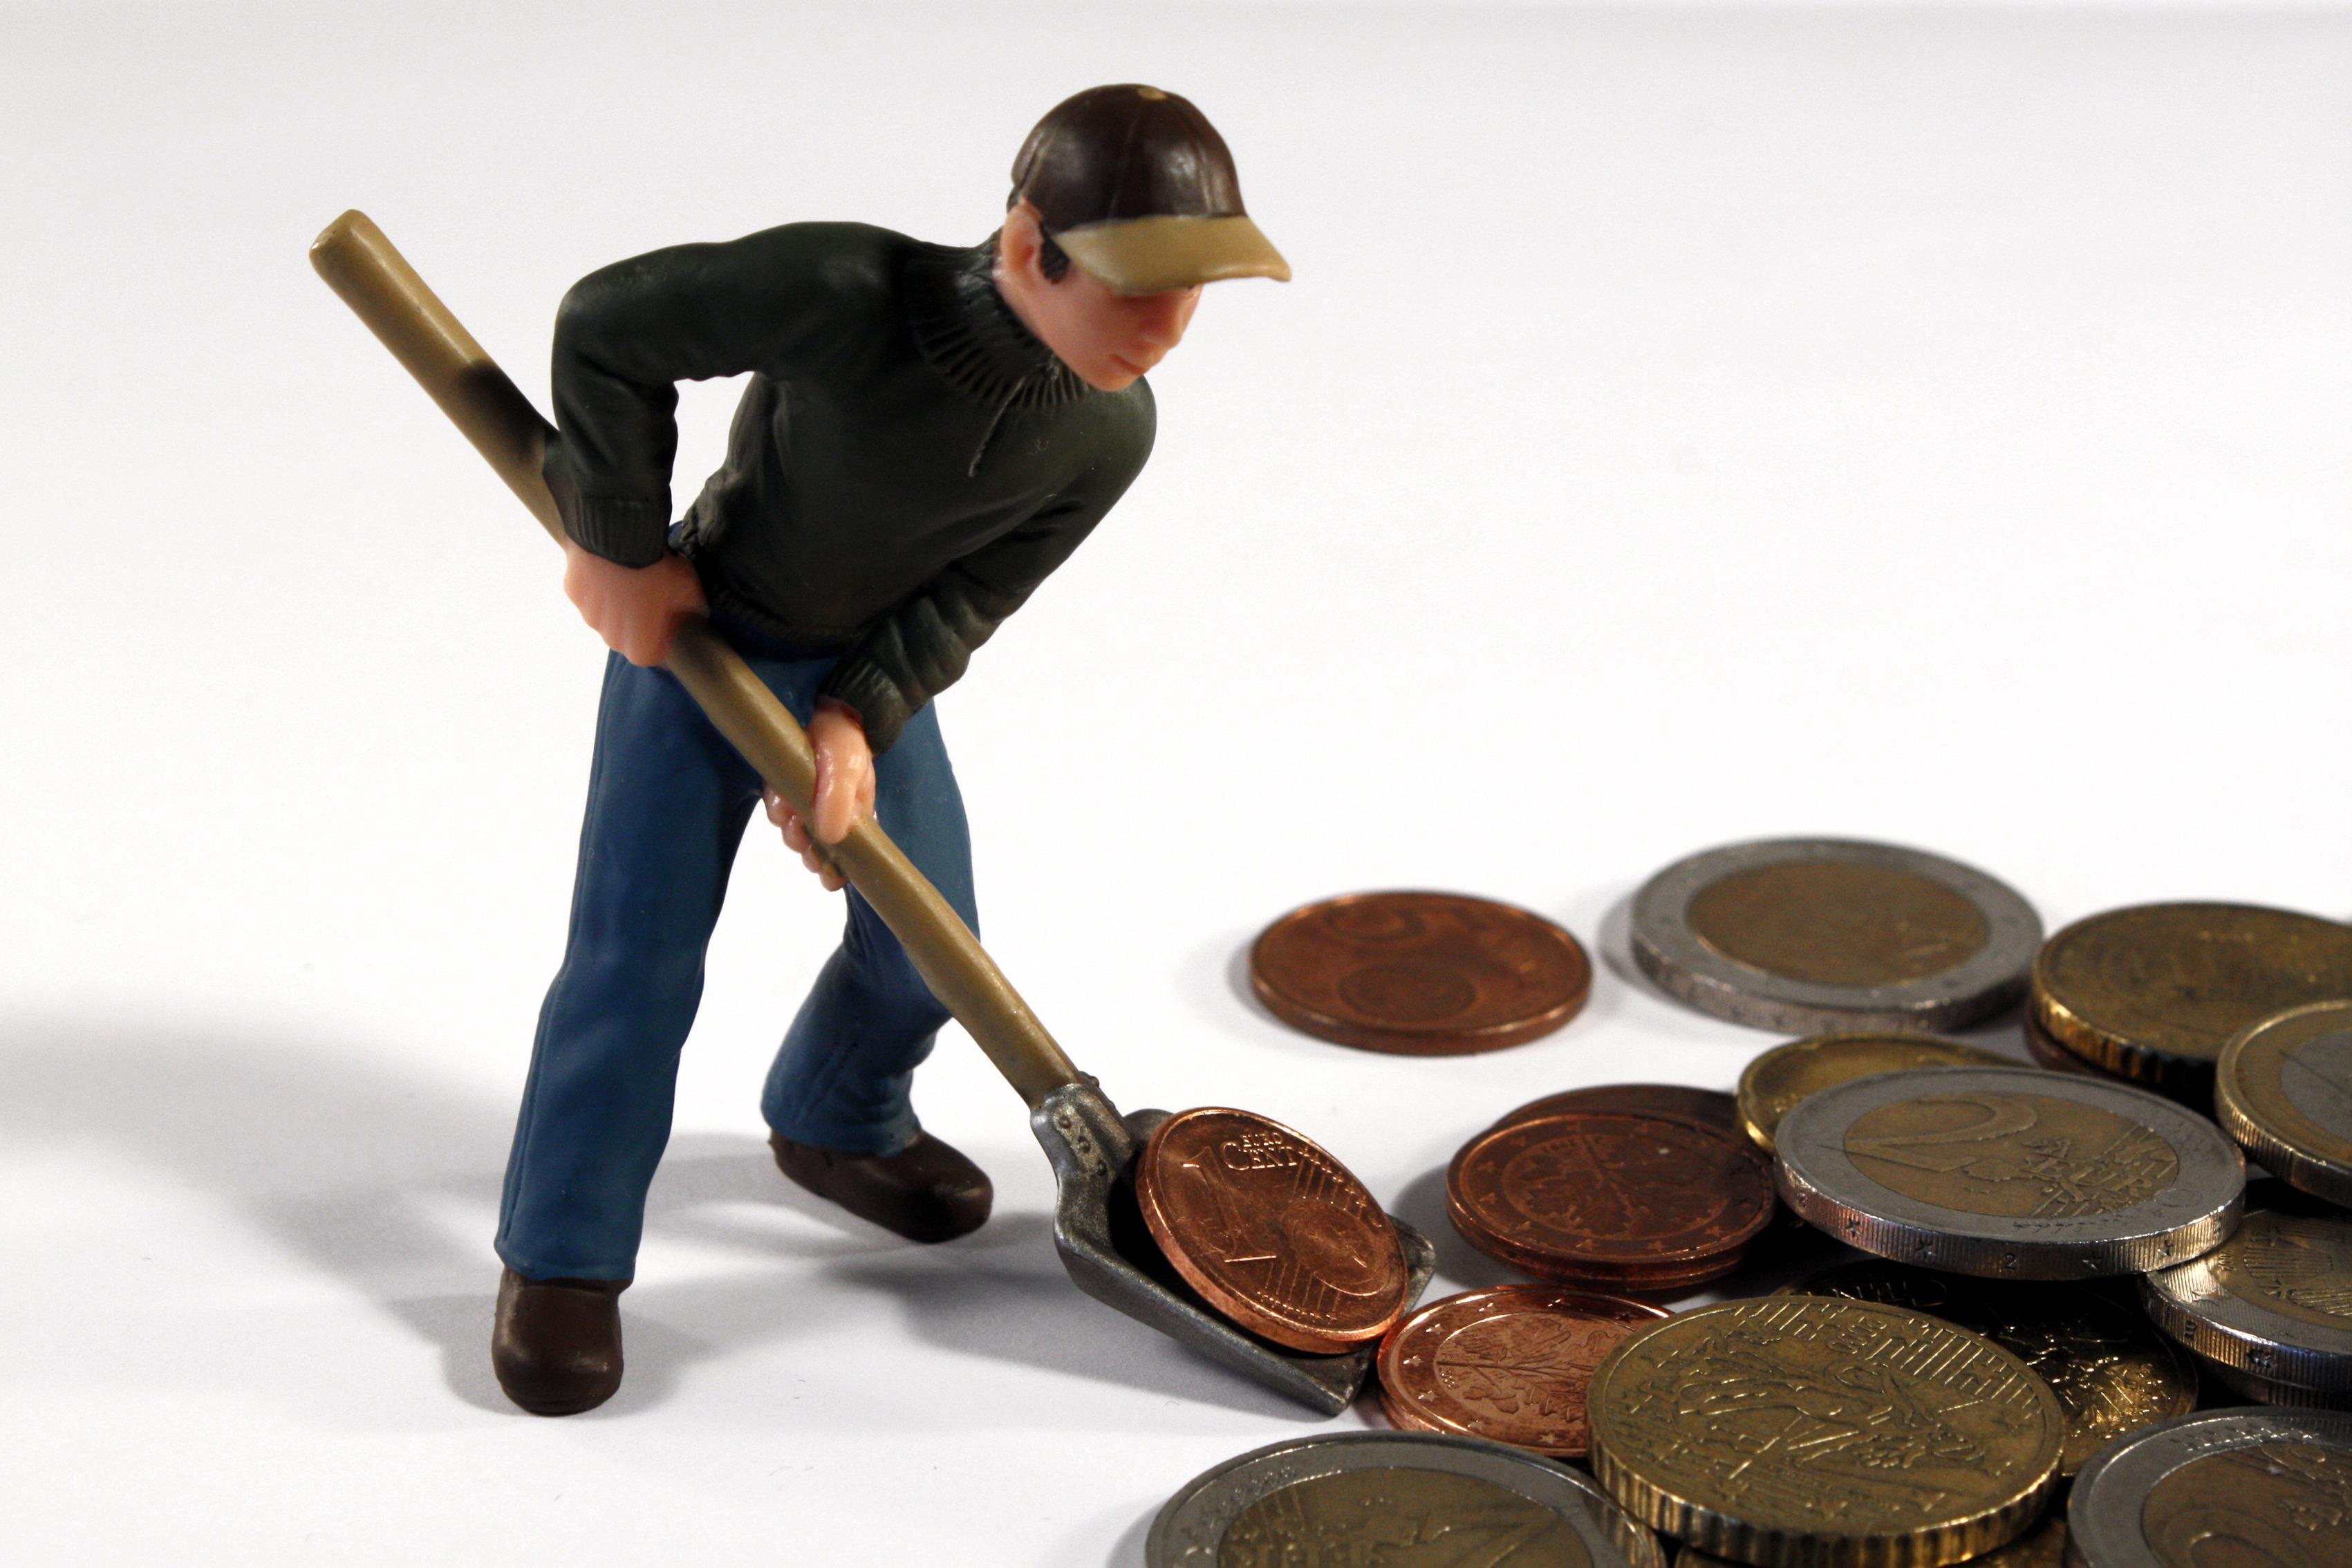 5 raisons pour lesquelles les plateformes de crowdfunding sont amenées à disparaitre